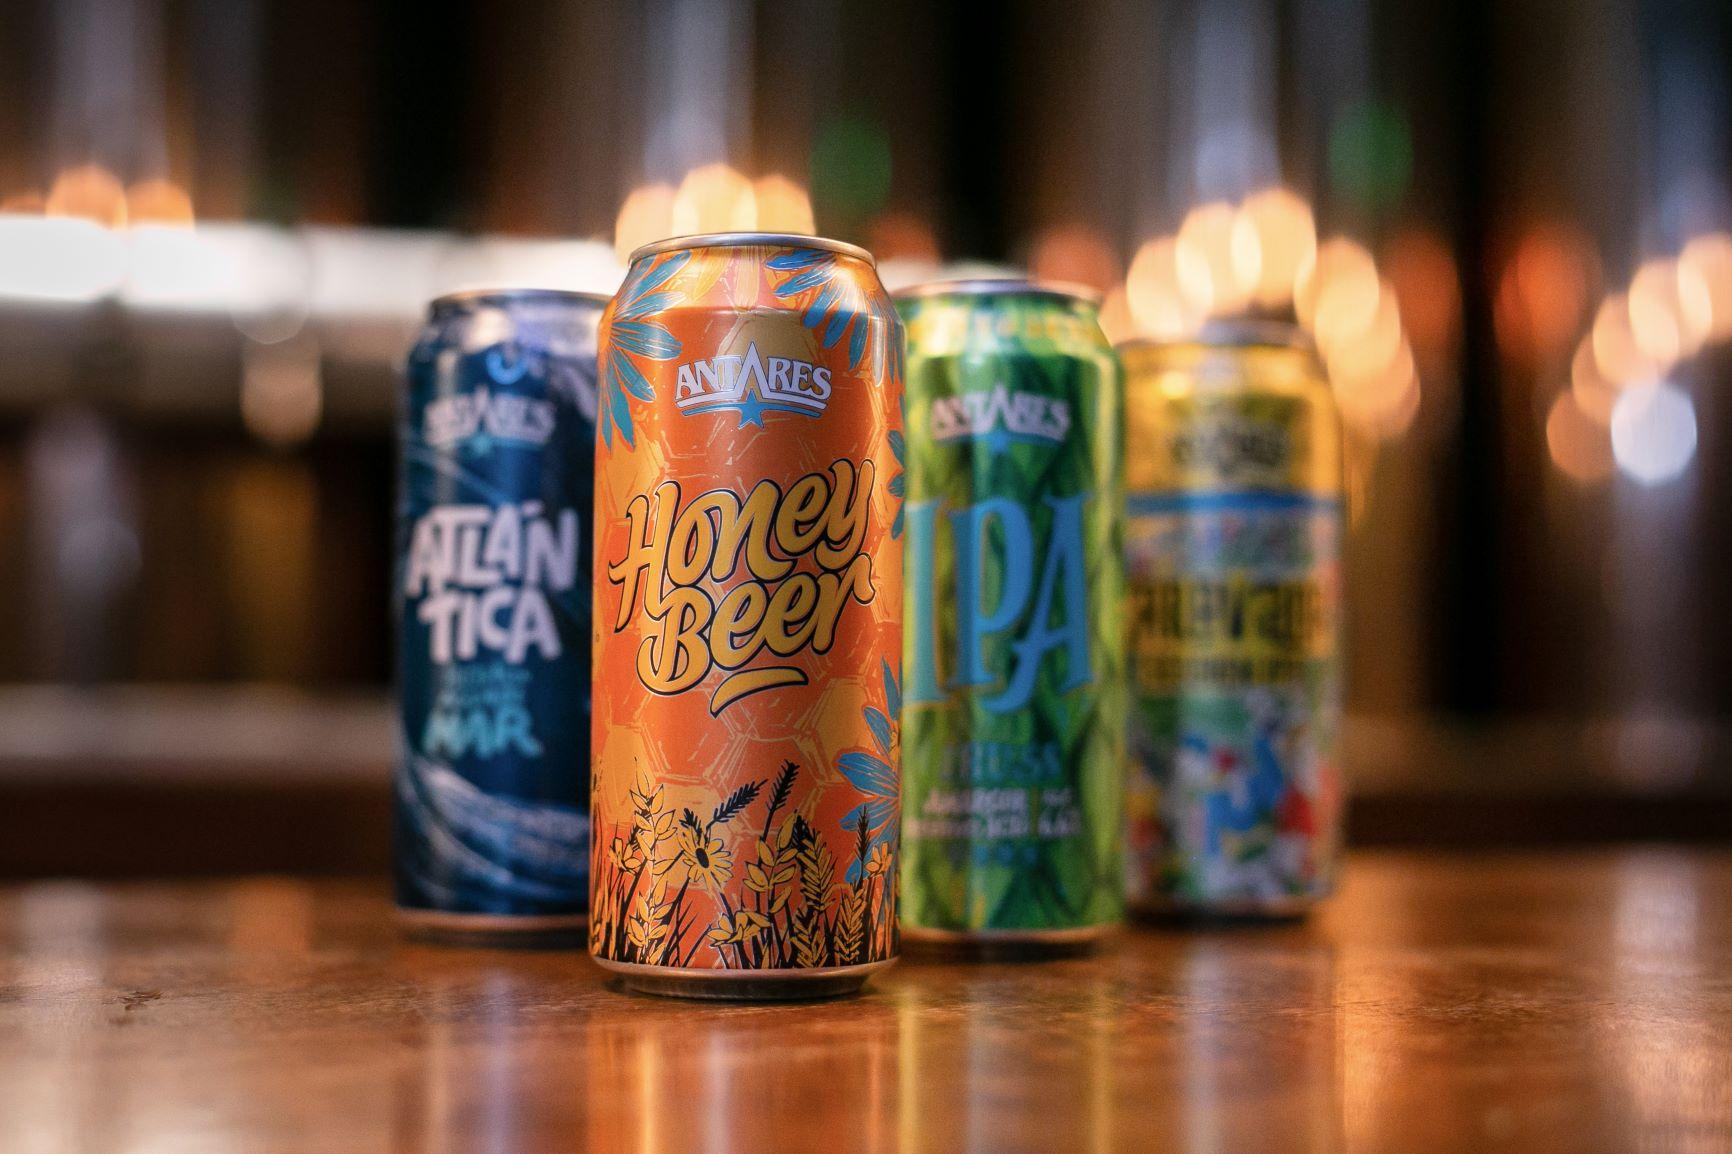 Antares presenta su nueva Honey Beer en lata (2)